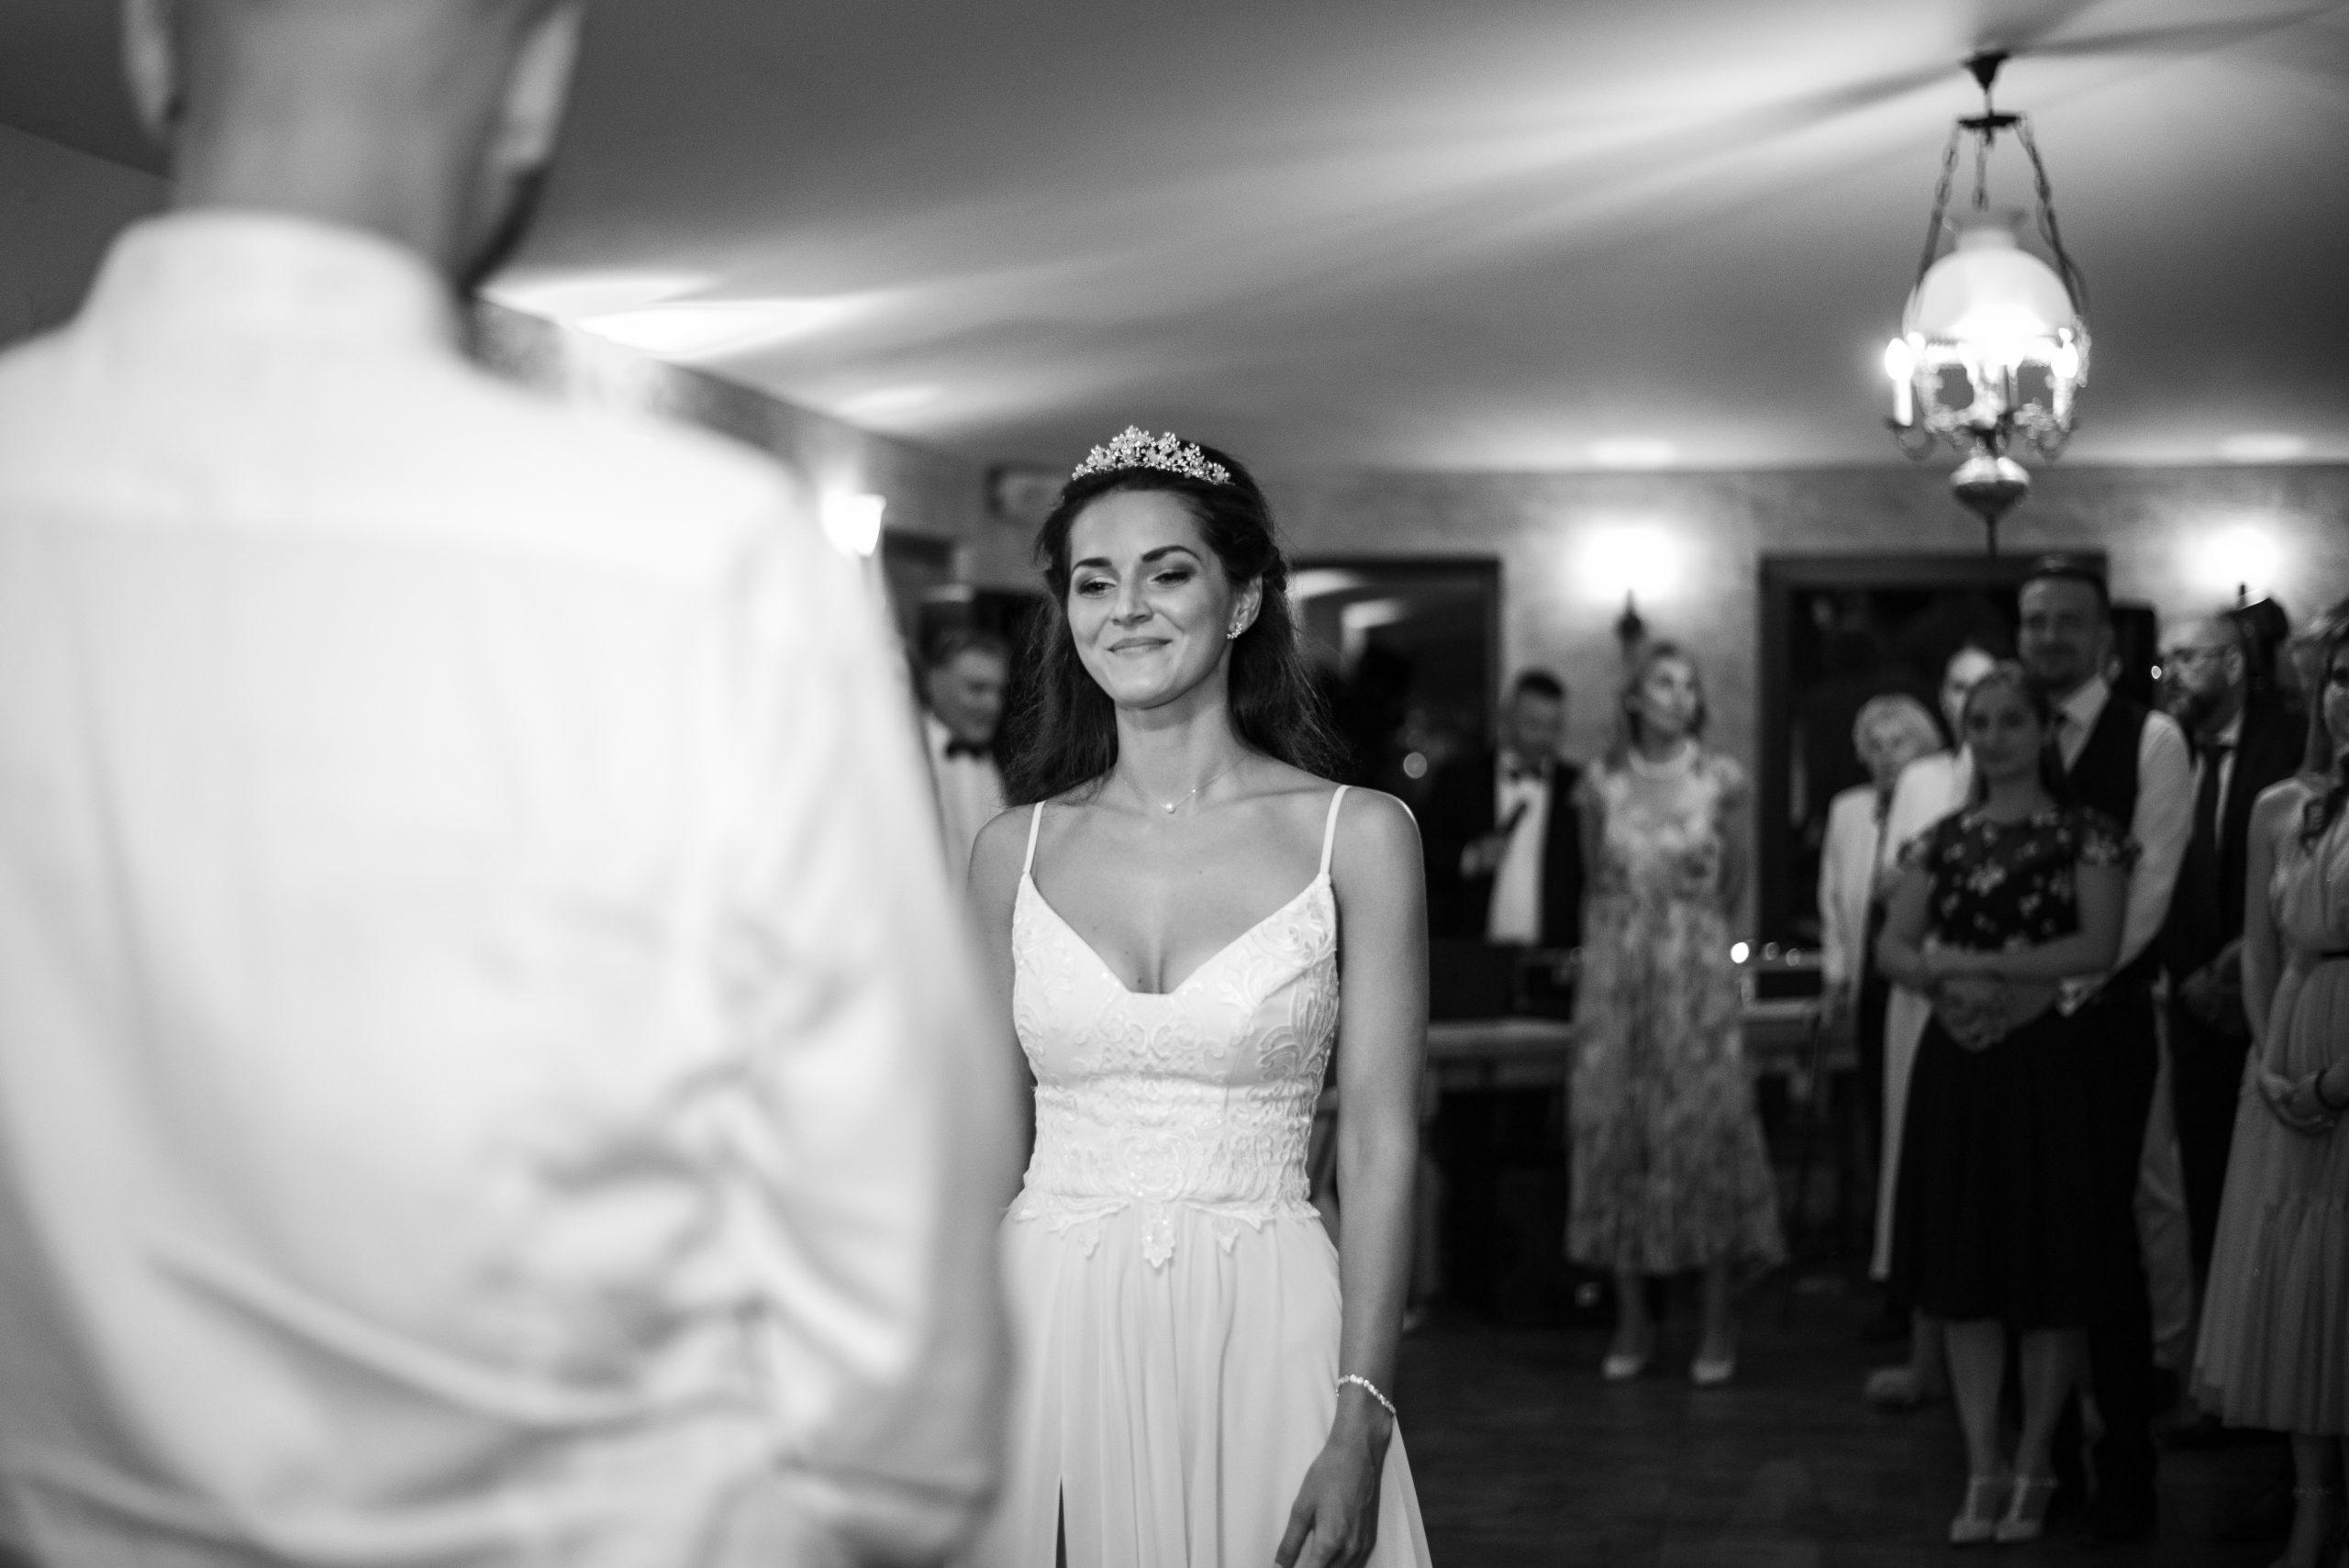 Svadba Bratislava, Penzion Berg 01 #svadobnyDJ, #djanasvadbu, #svadba, #svadbabratislava, #Bratislava #DJAnavi, #penzionberg